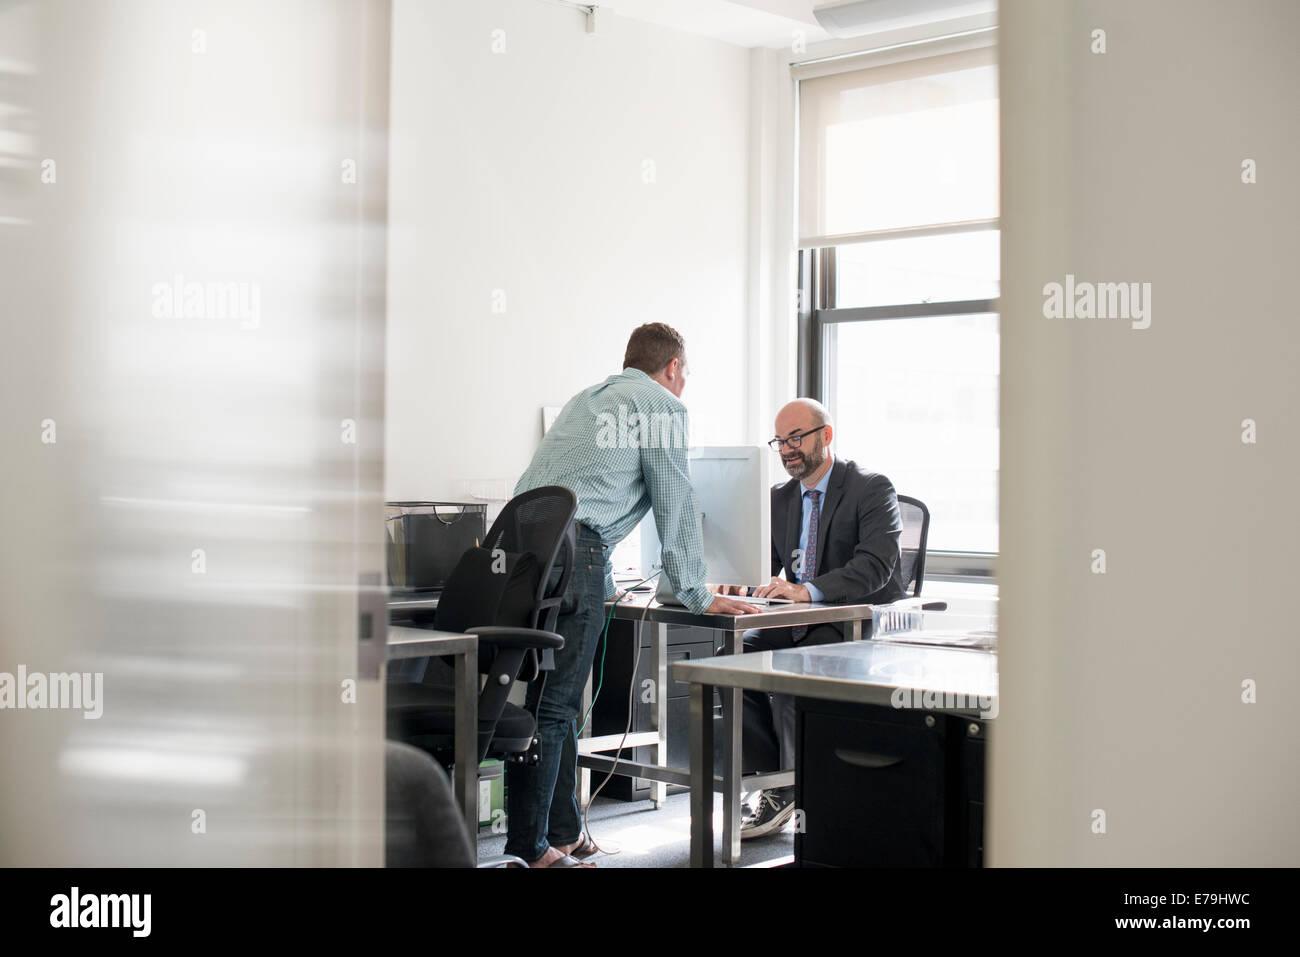 Büroalltag. Zwei Personen im Gespräch miteinander über einen Schreibtisch. Stockbild